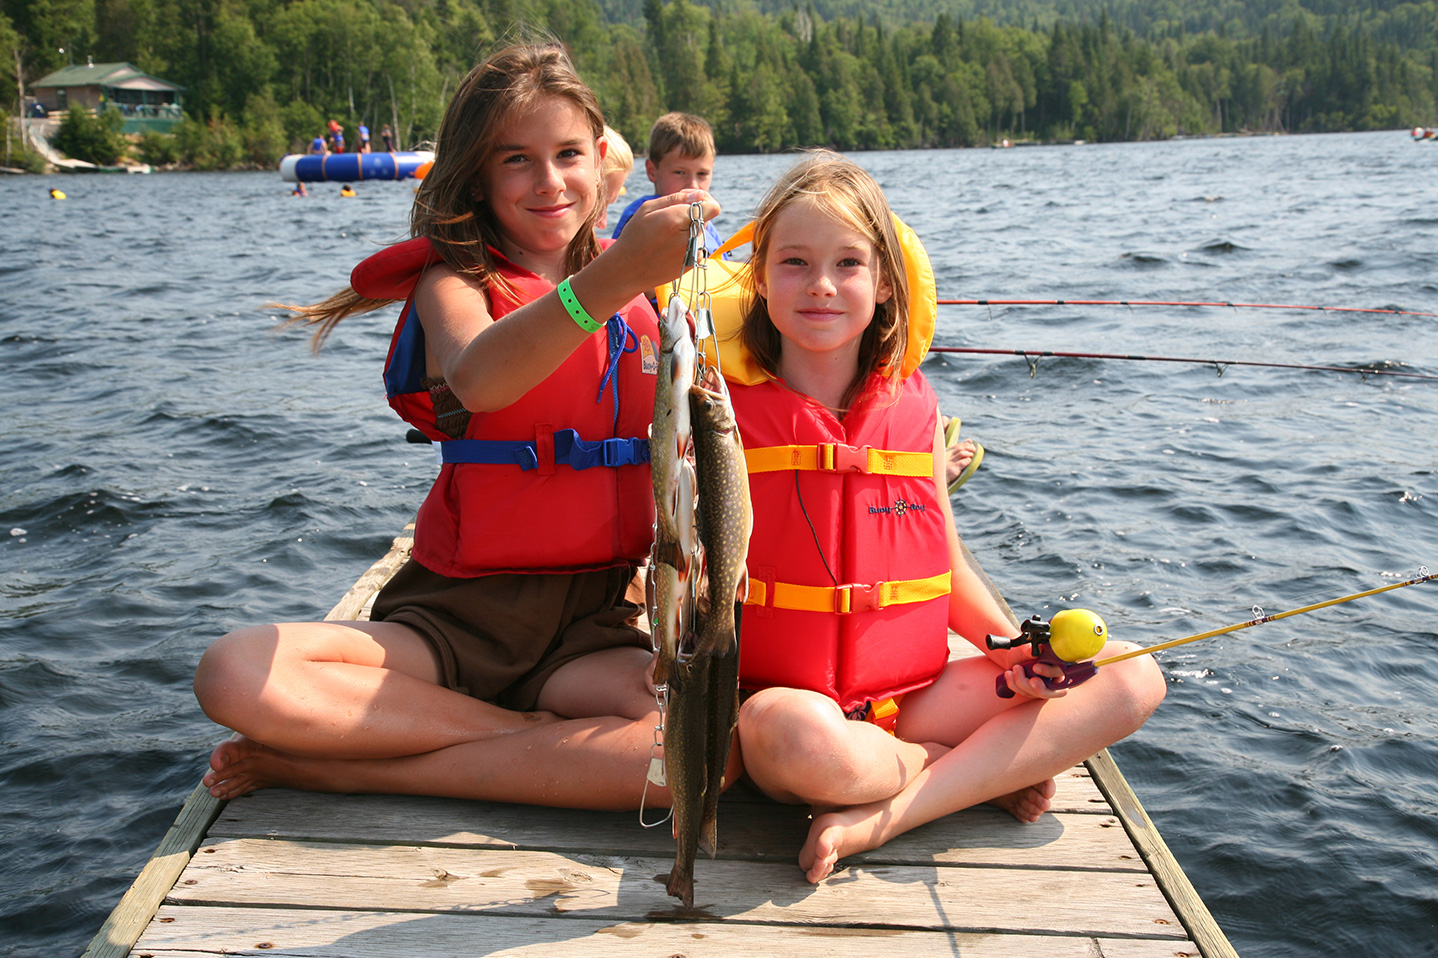 Deux petites filles avec leur veste de flottaison qui tiennent des poissons pêchés.